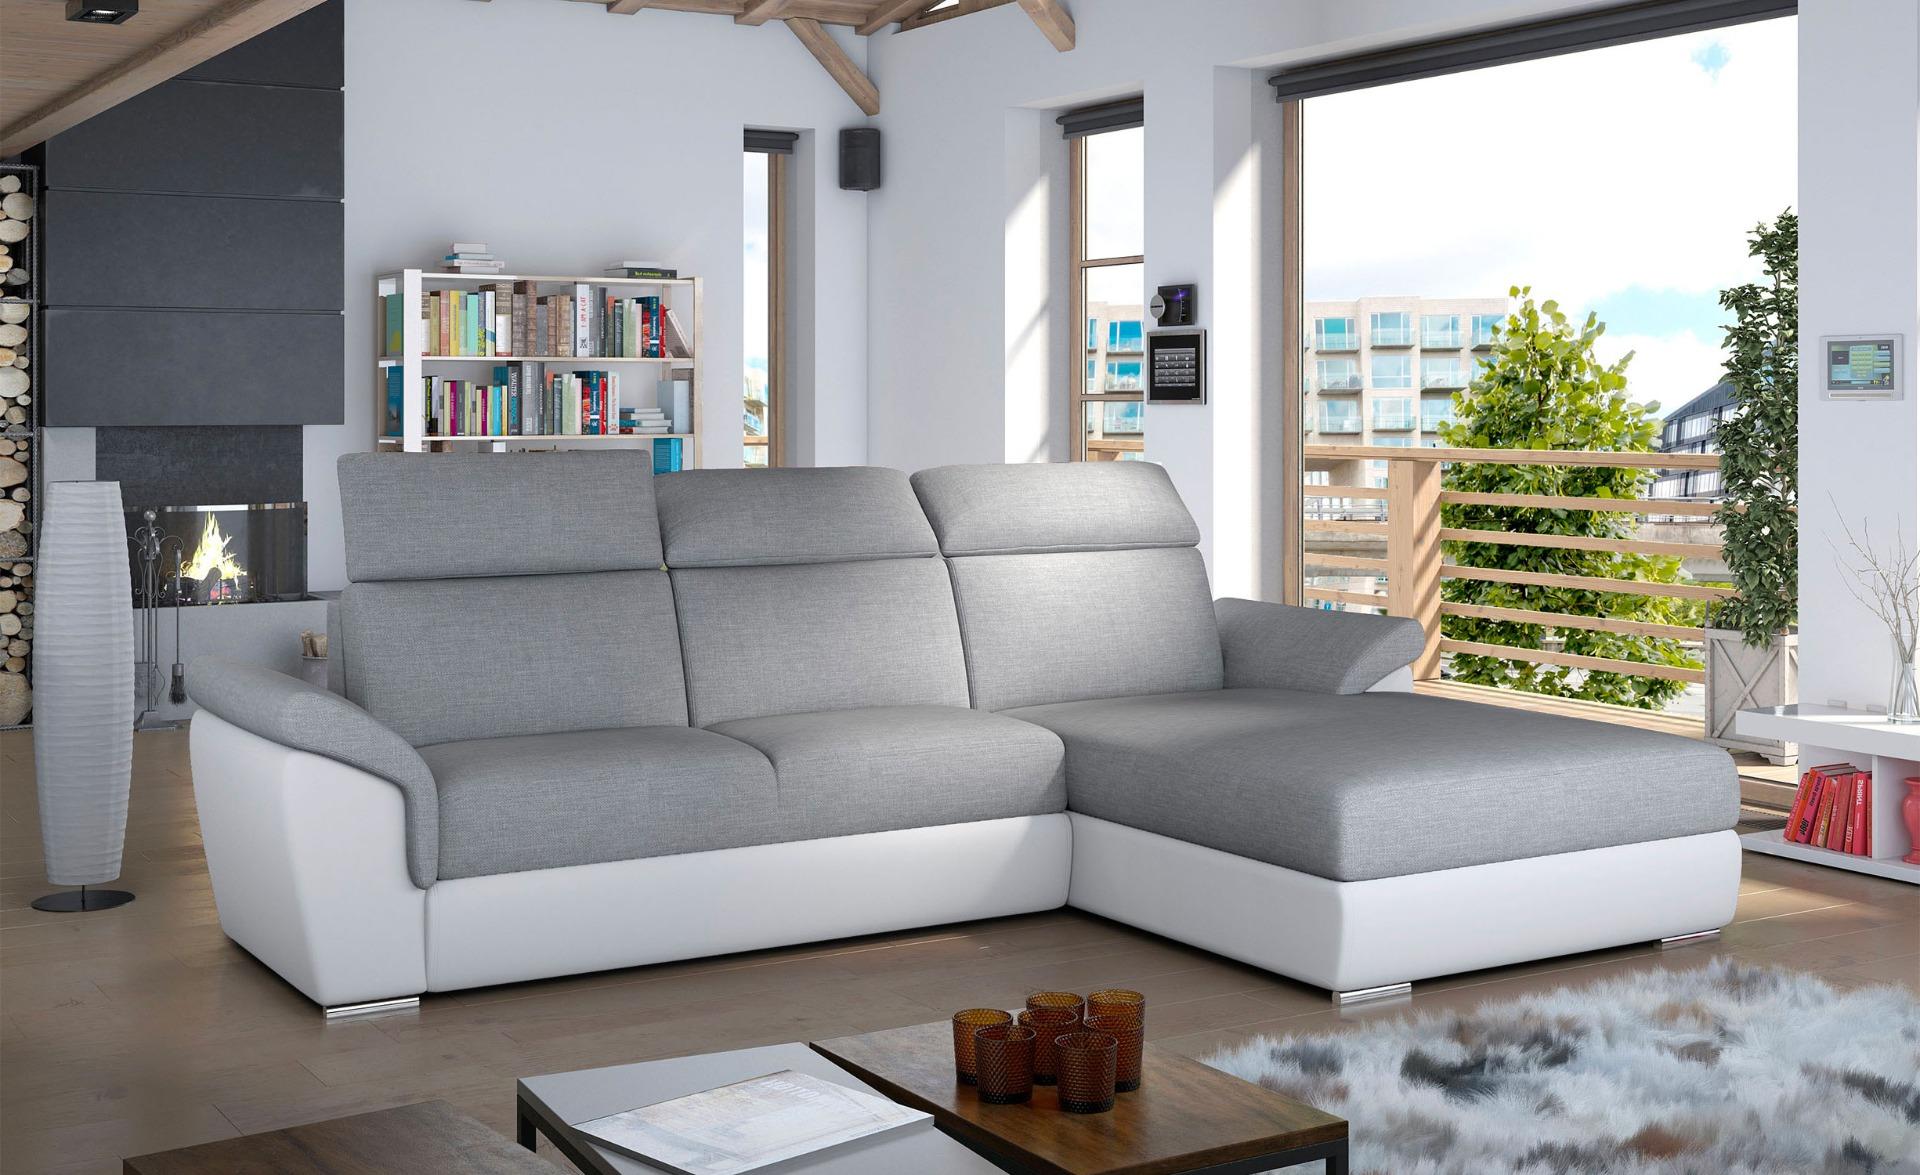 Trevisco Ausziehbares Ecksofa mit Kunstleder- und Stoffbezug Weiß & Grau